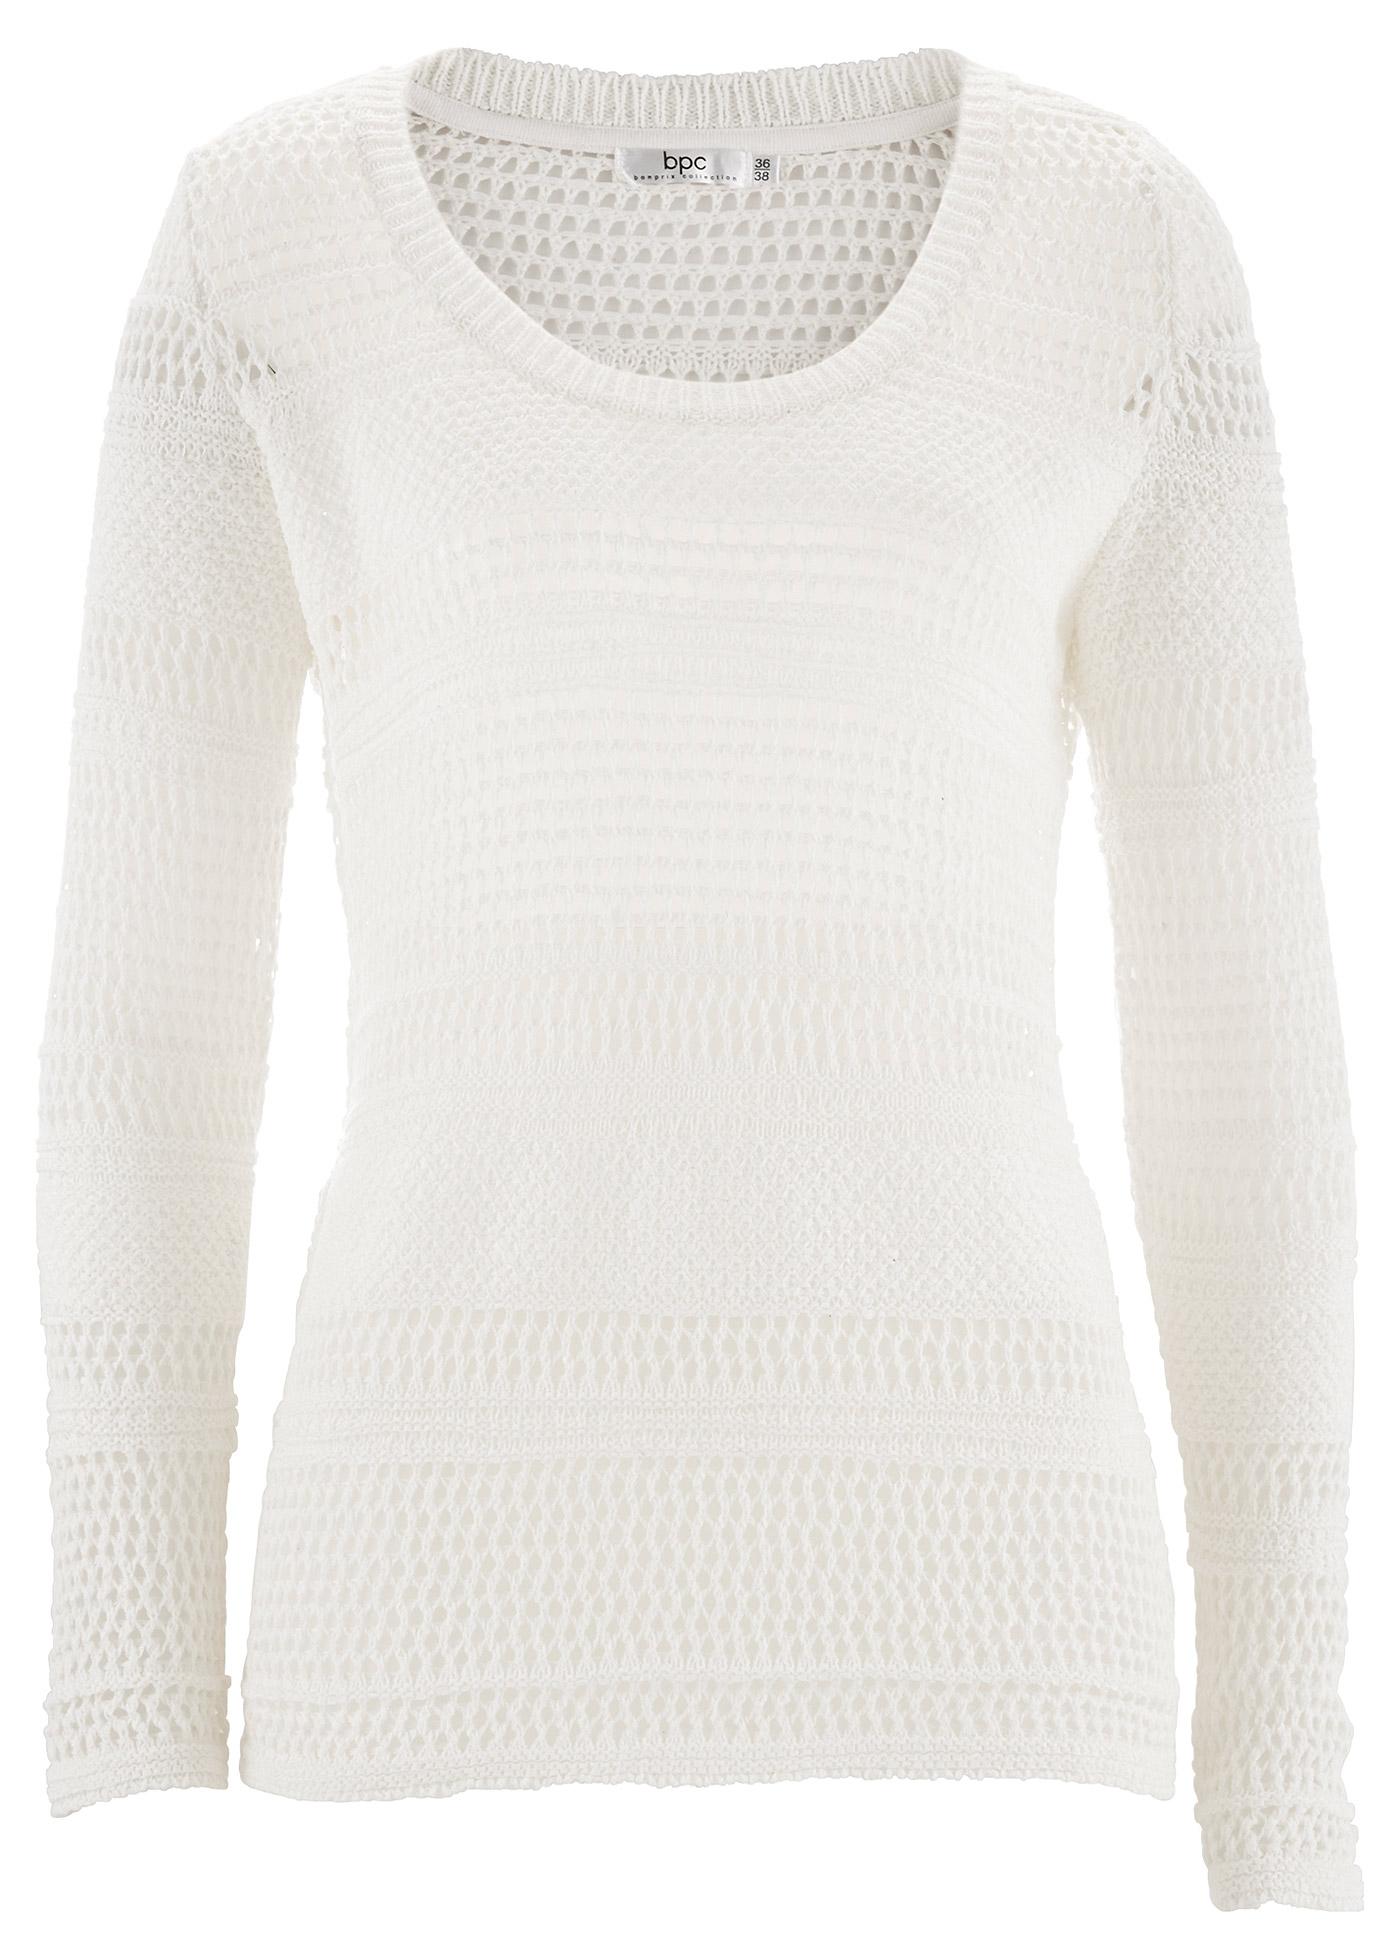 bpc bonprix collection Pullover, Langarm in weiß für Damen von bonprix Damenmode > Damenbekleidung > Damenpullover > Damen Pullover Rundhals